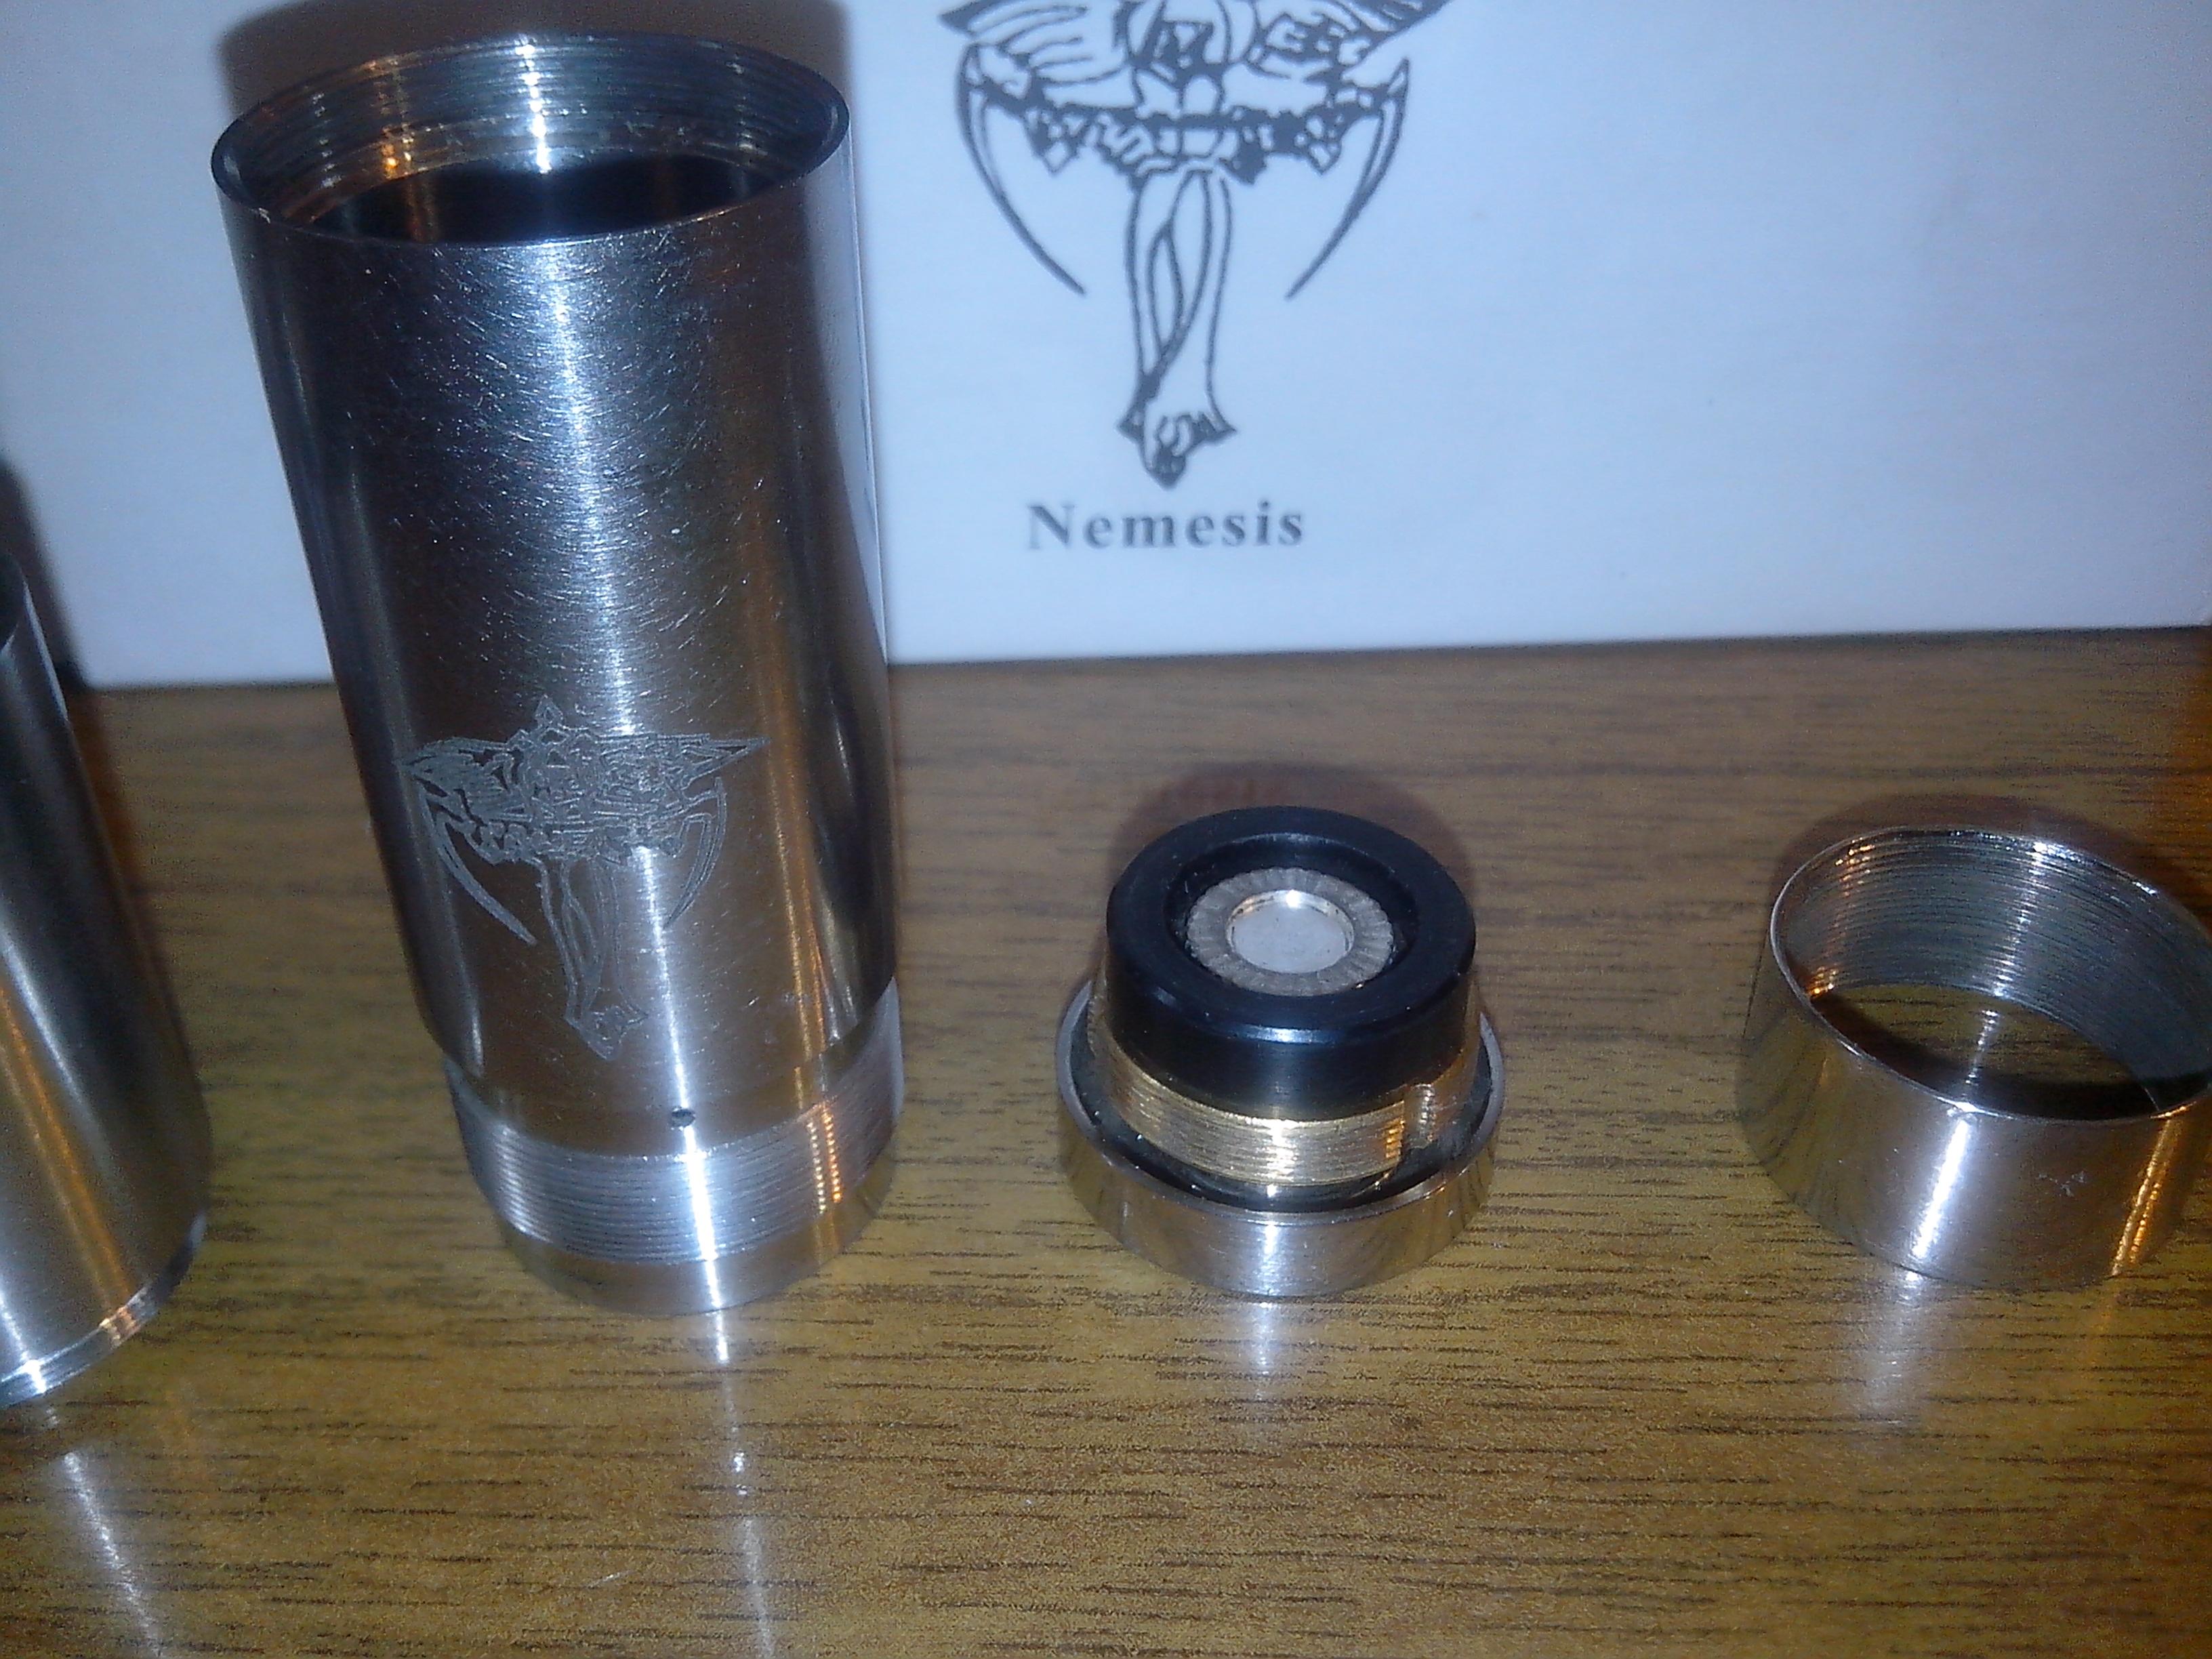 Продам nemesis, magma, аккумулятор, жидкость + куча плюшек 208